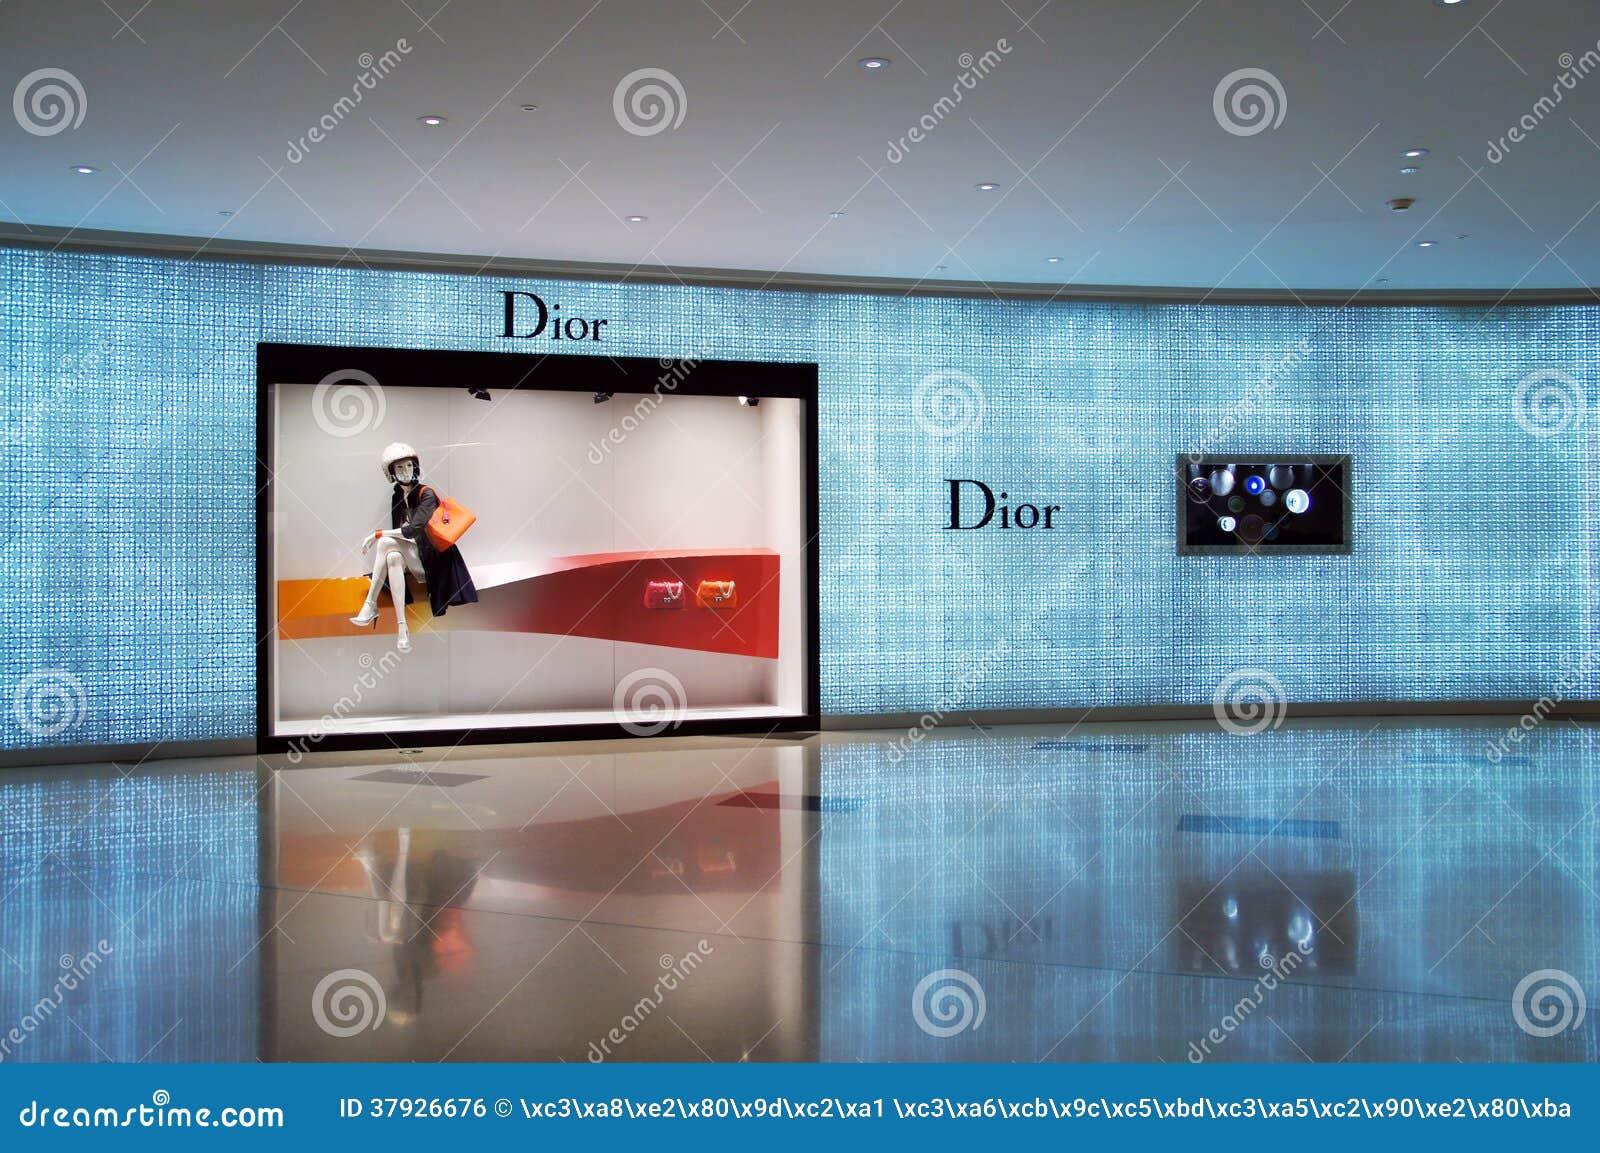 Магазин моды Dior в Китае